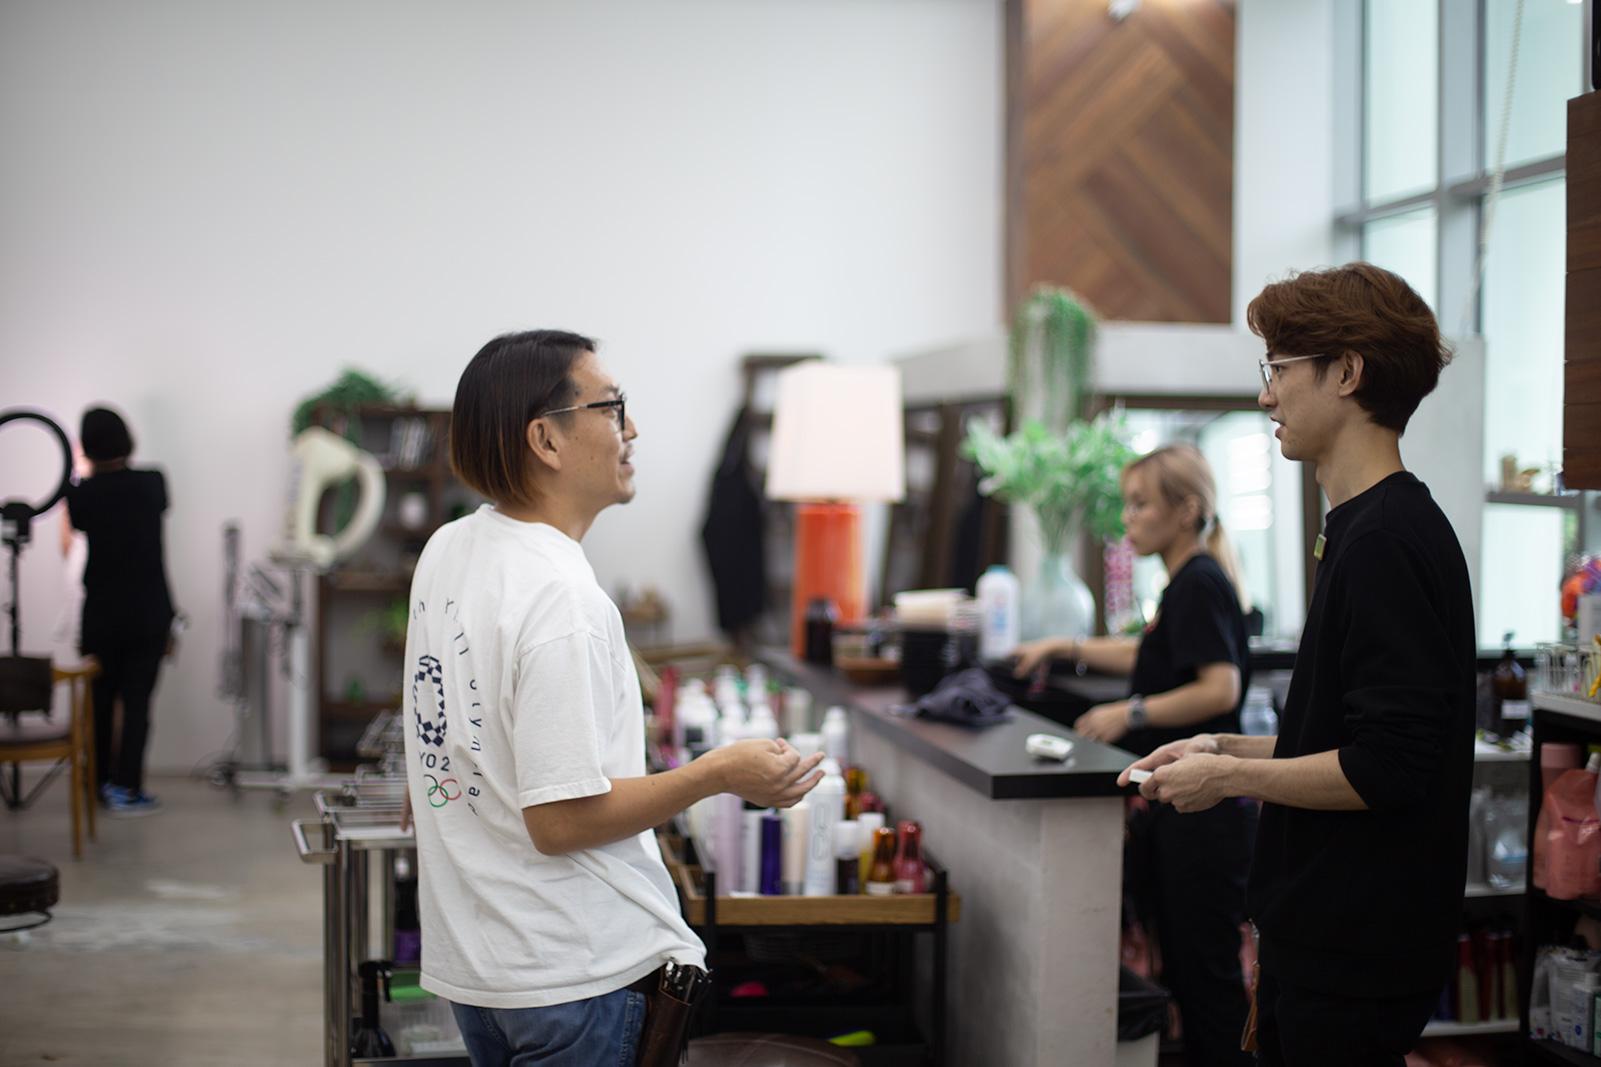 インドネシア ジャカルタ シンガポール マレーシア クアラルンプール 日系美容室 日系サロン 海外就職 美容師 日本人美容師 英語 海外美容室